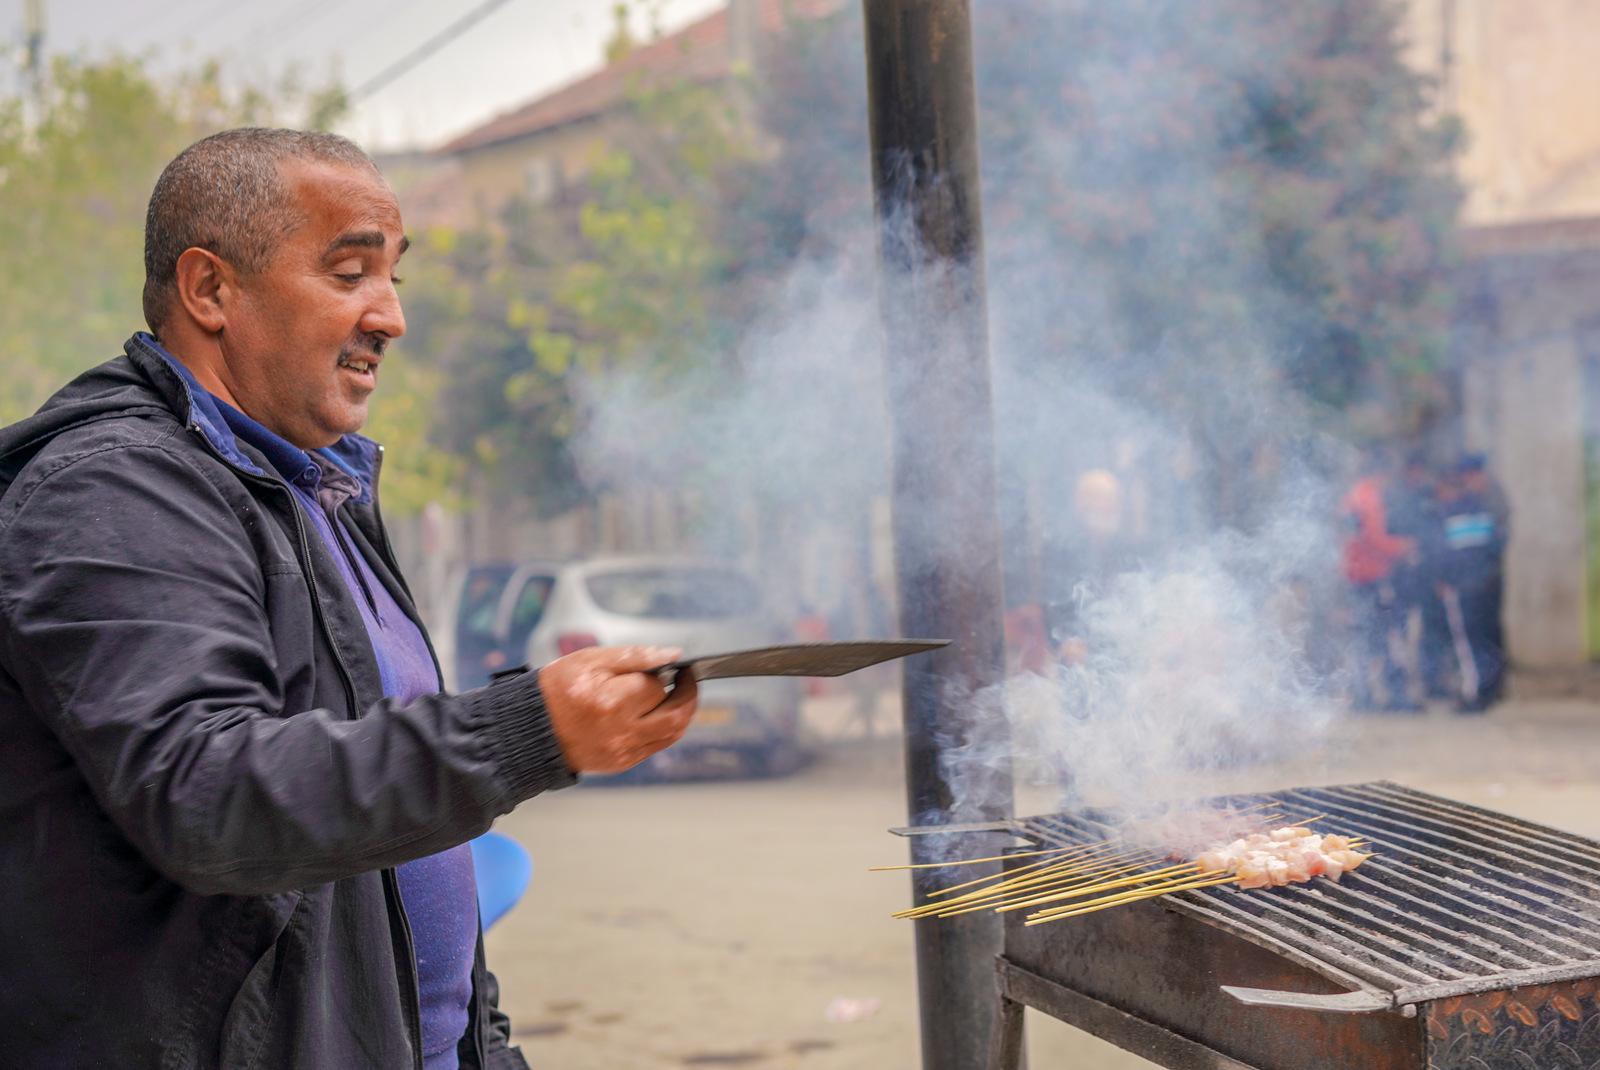 Djemila Meat Skewers, Algeria